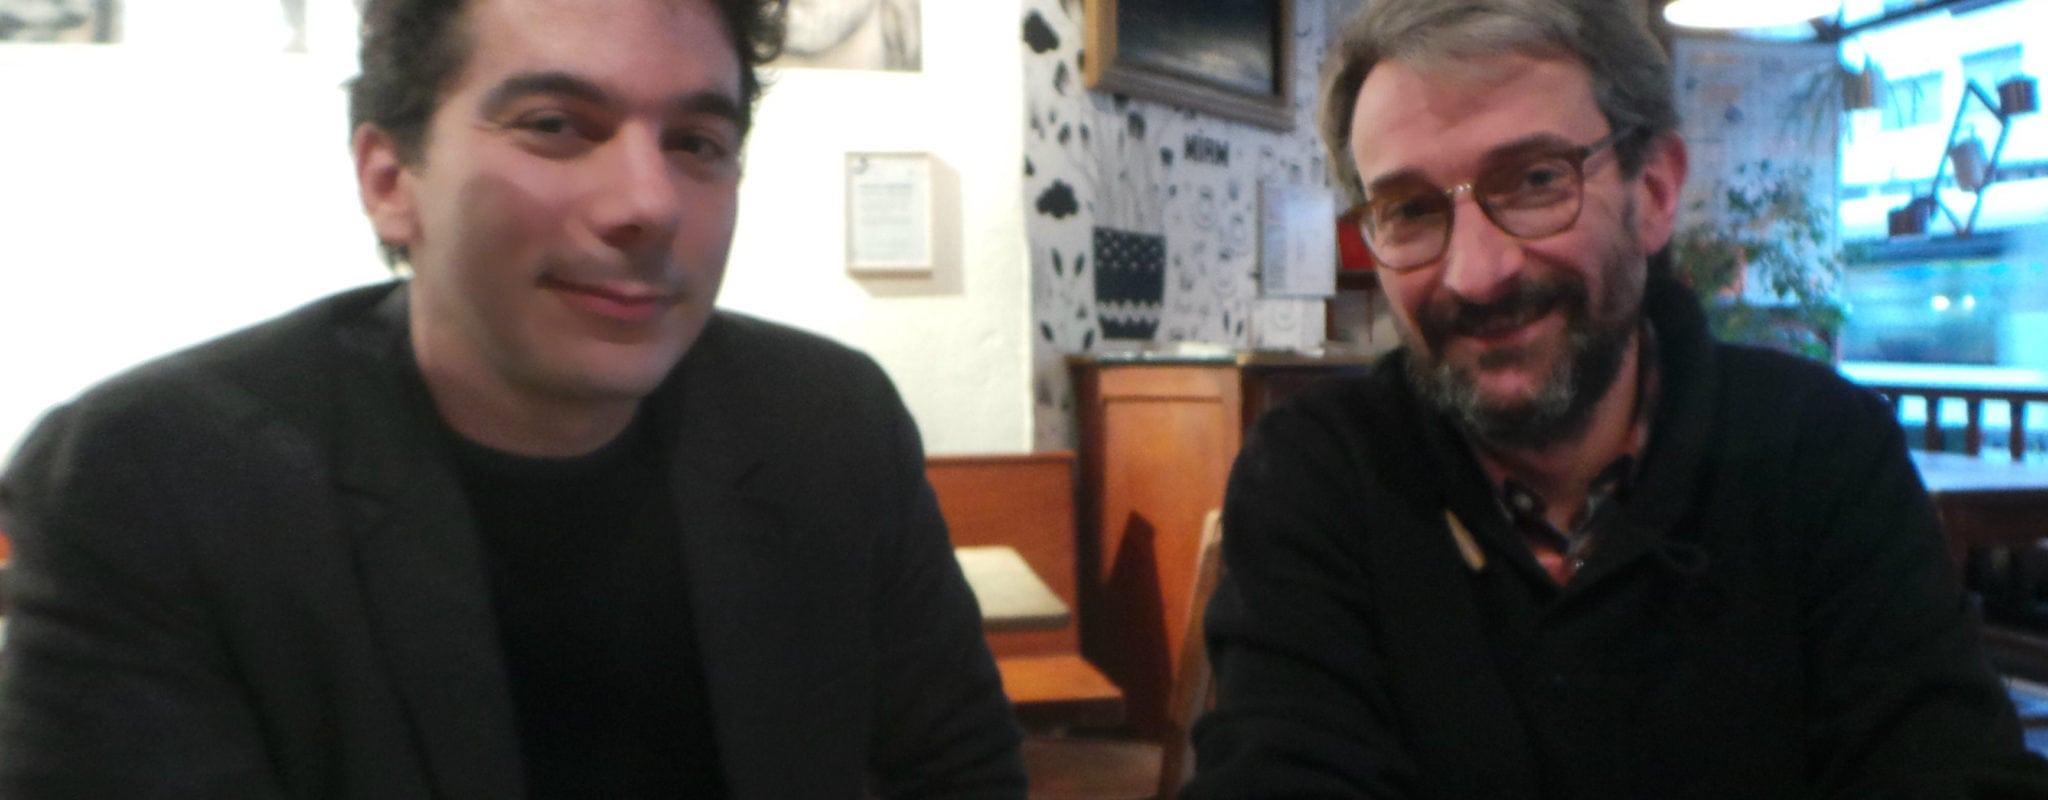 Face aux atermoiements des élus, Stéphane Libs précise les enjeux du cinéma MK2 à Schiltigheim